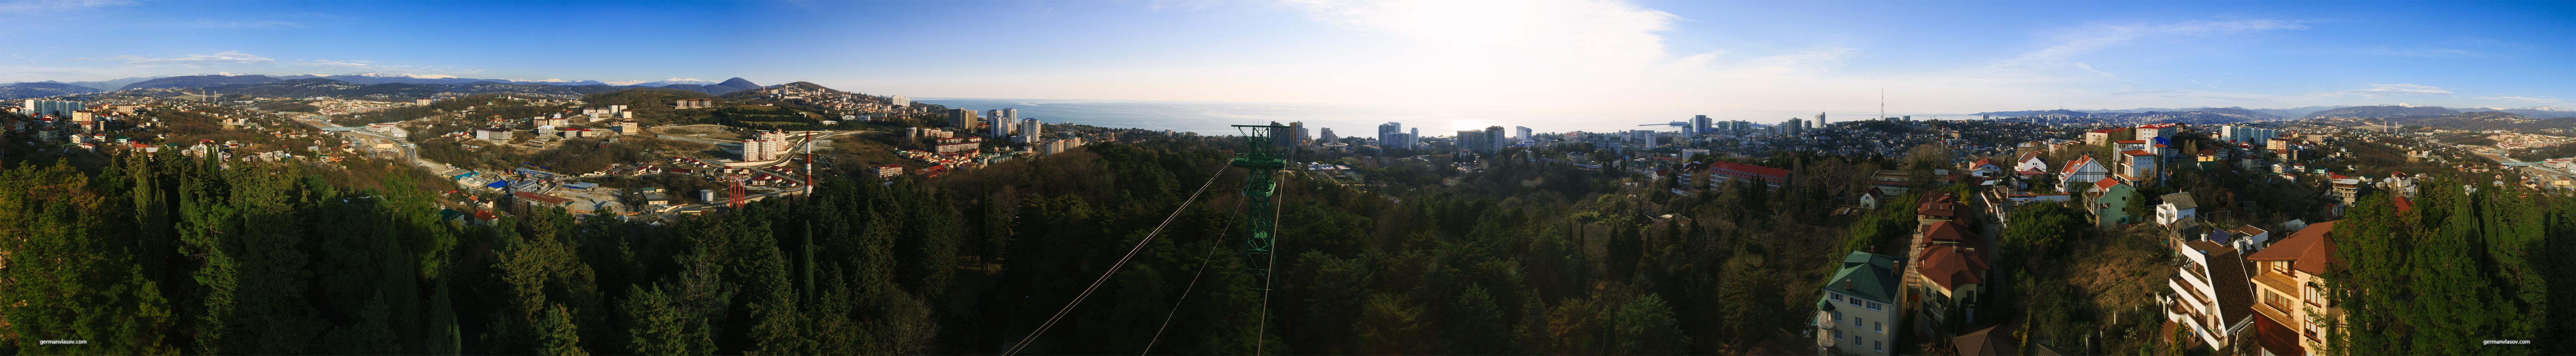 Панорама парка Дендрарий